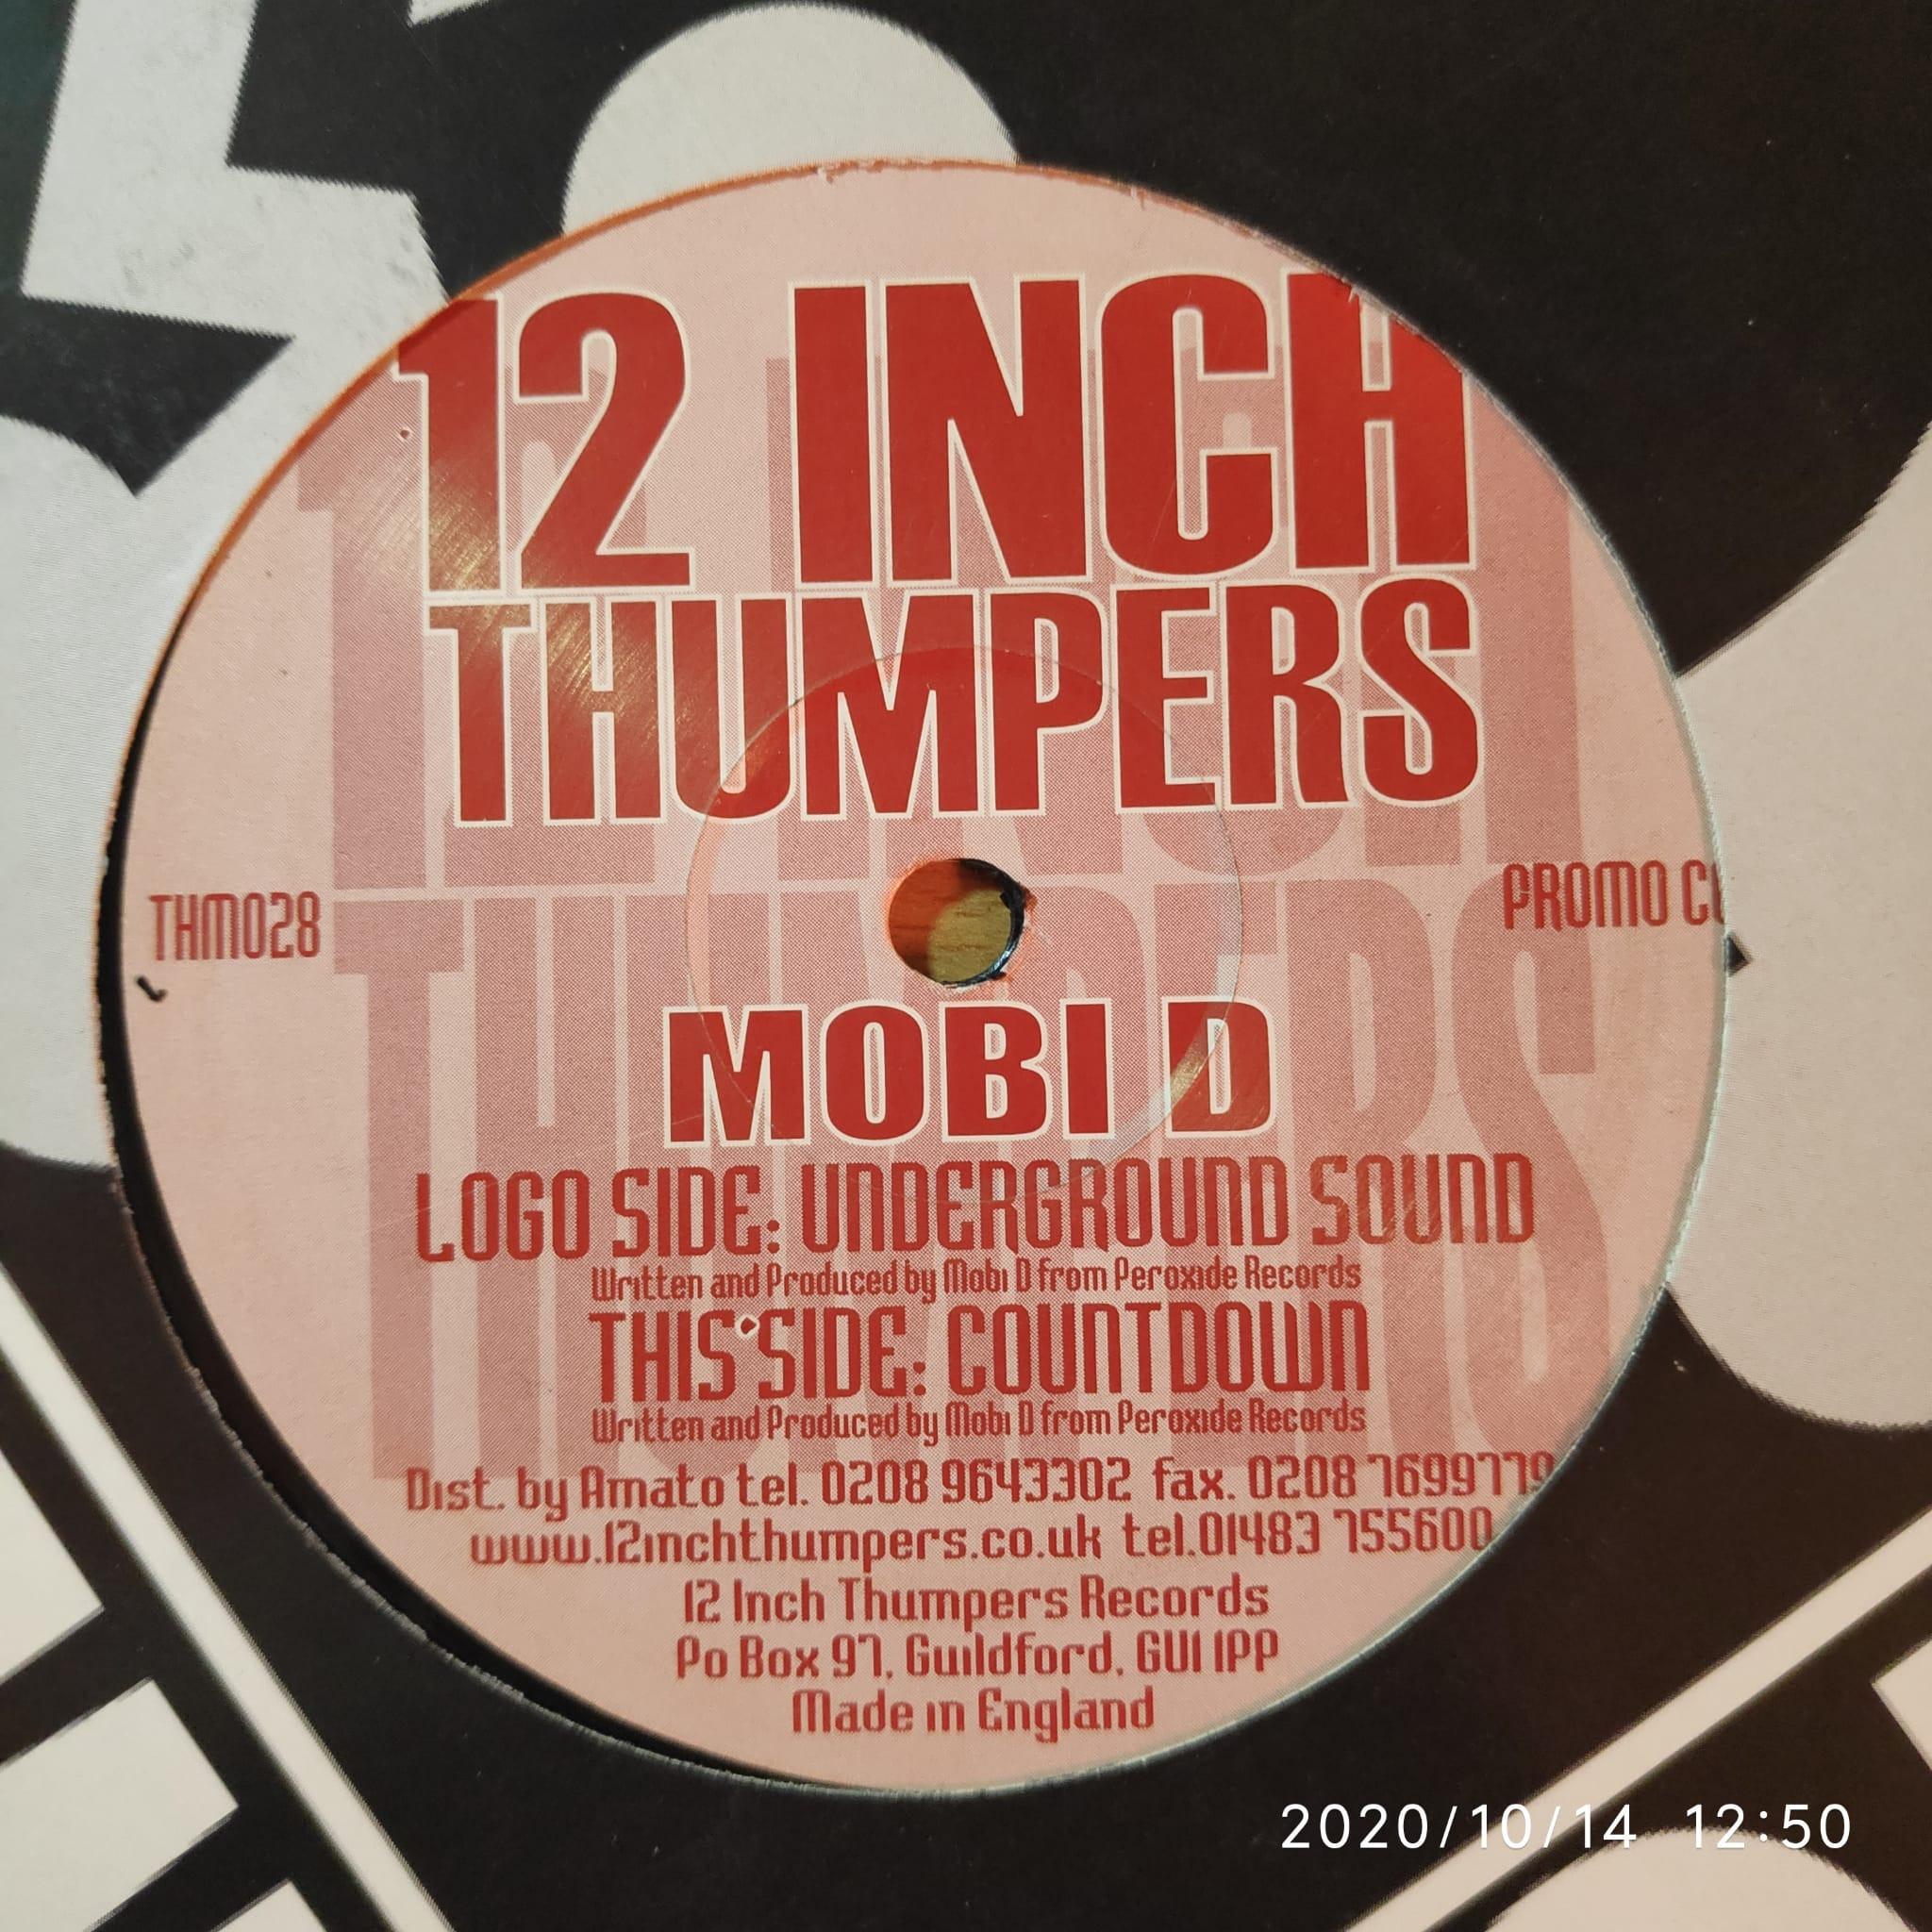 (CUB0897) Mobi D – Underground Sound / Countdown